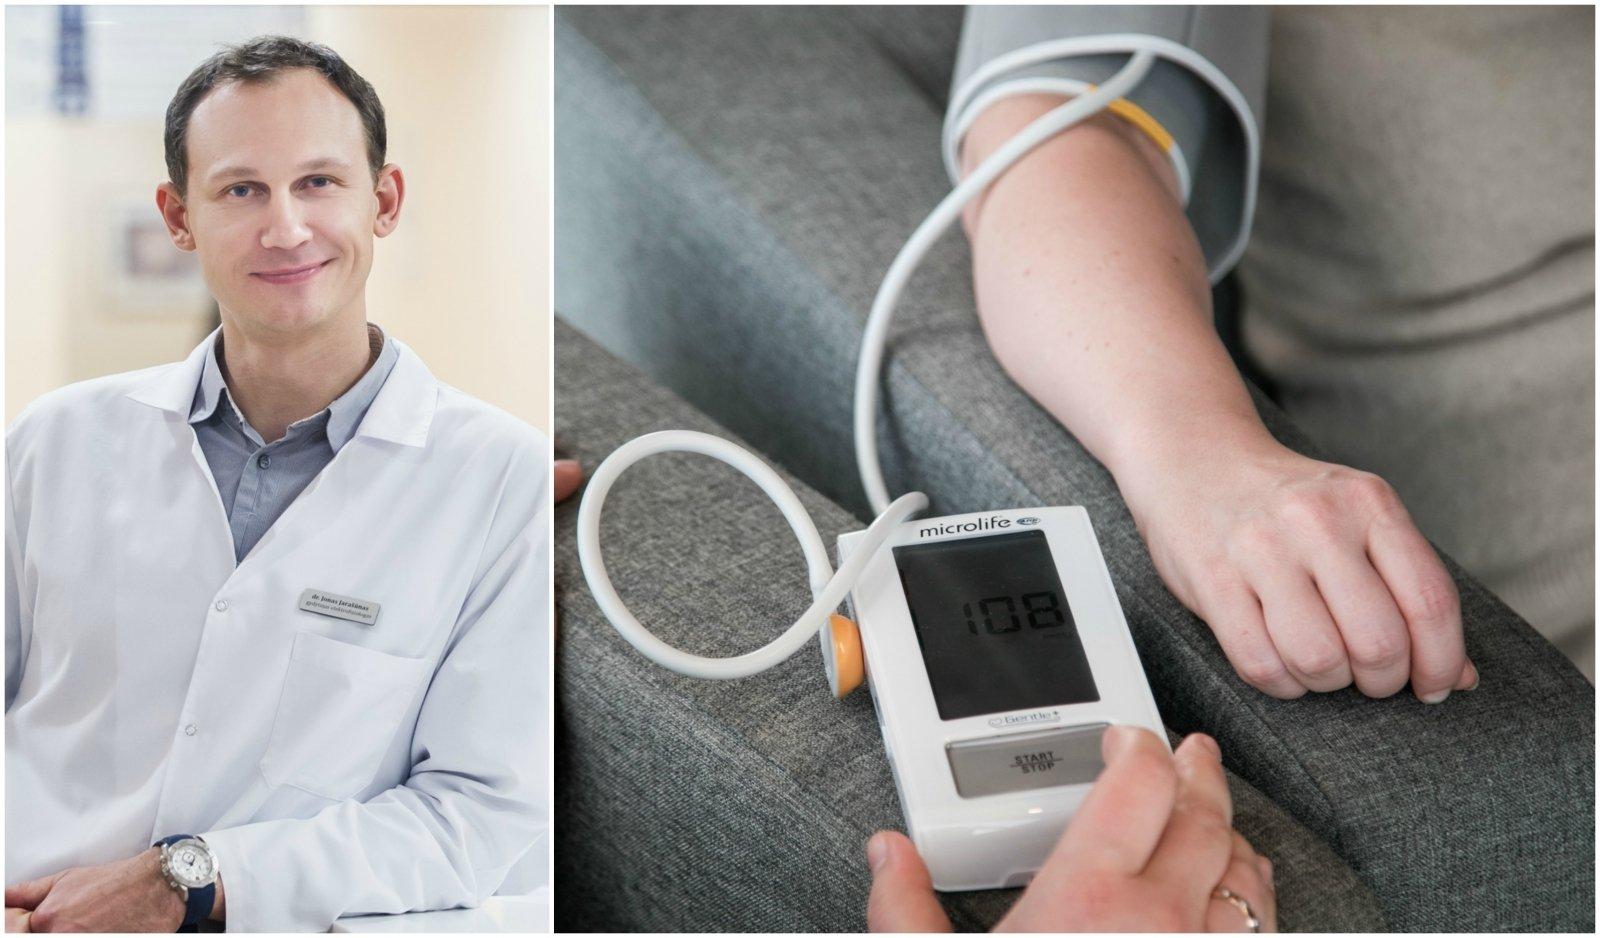 Diabetas – liga ar negalia? | Gyvenimas